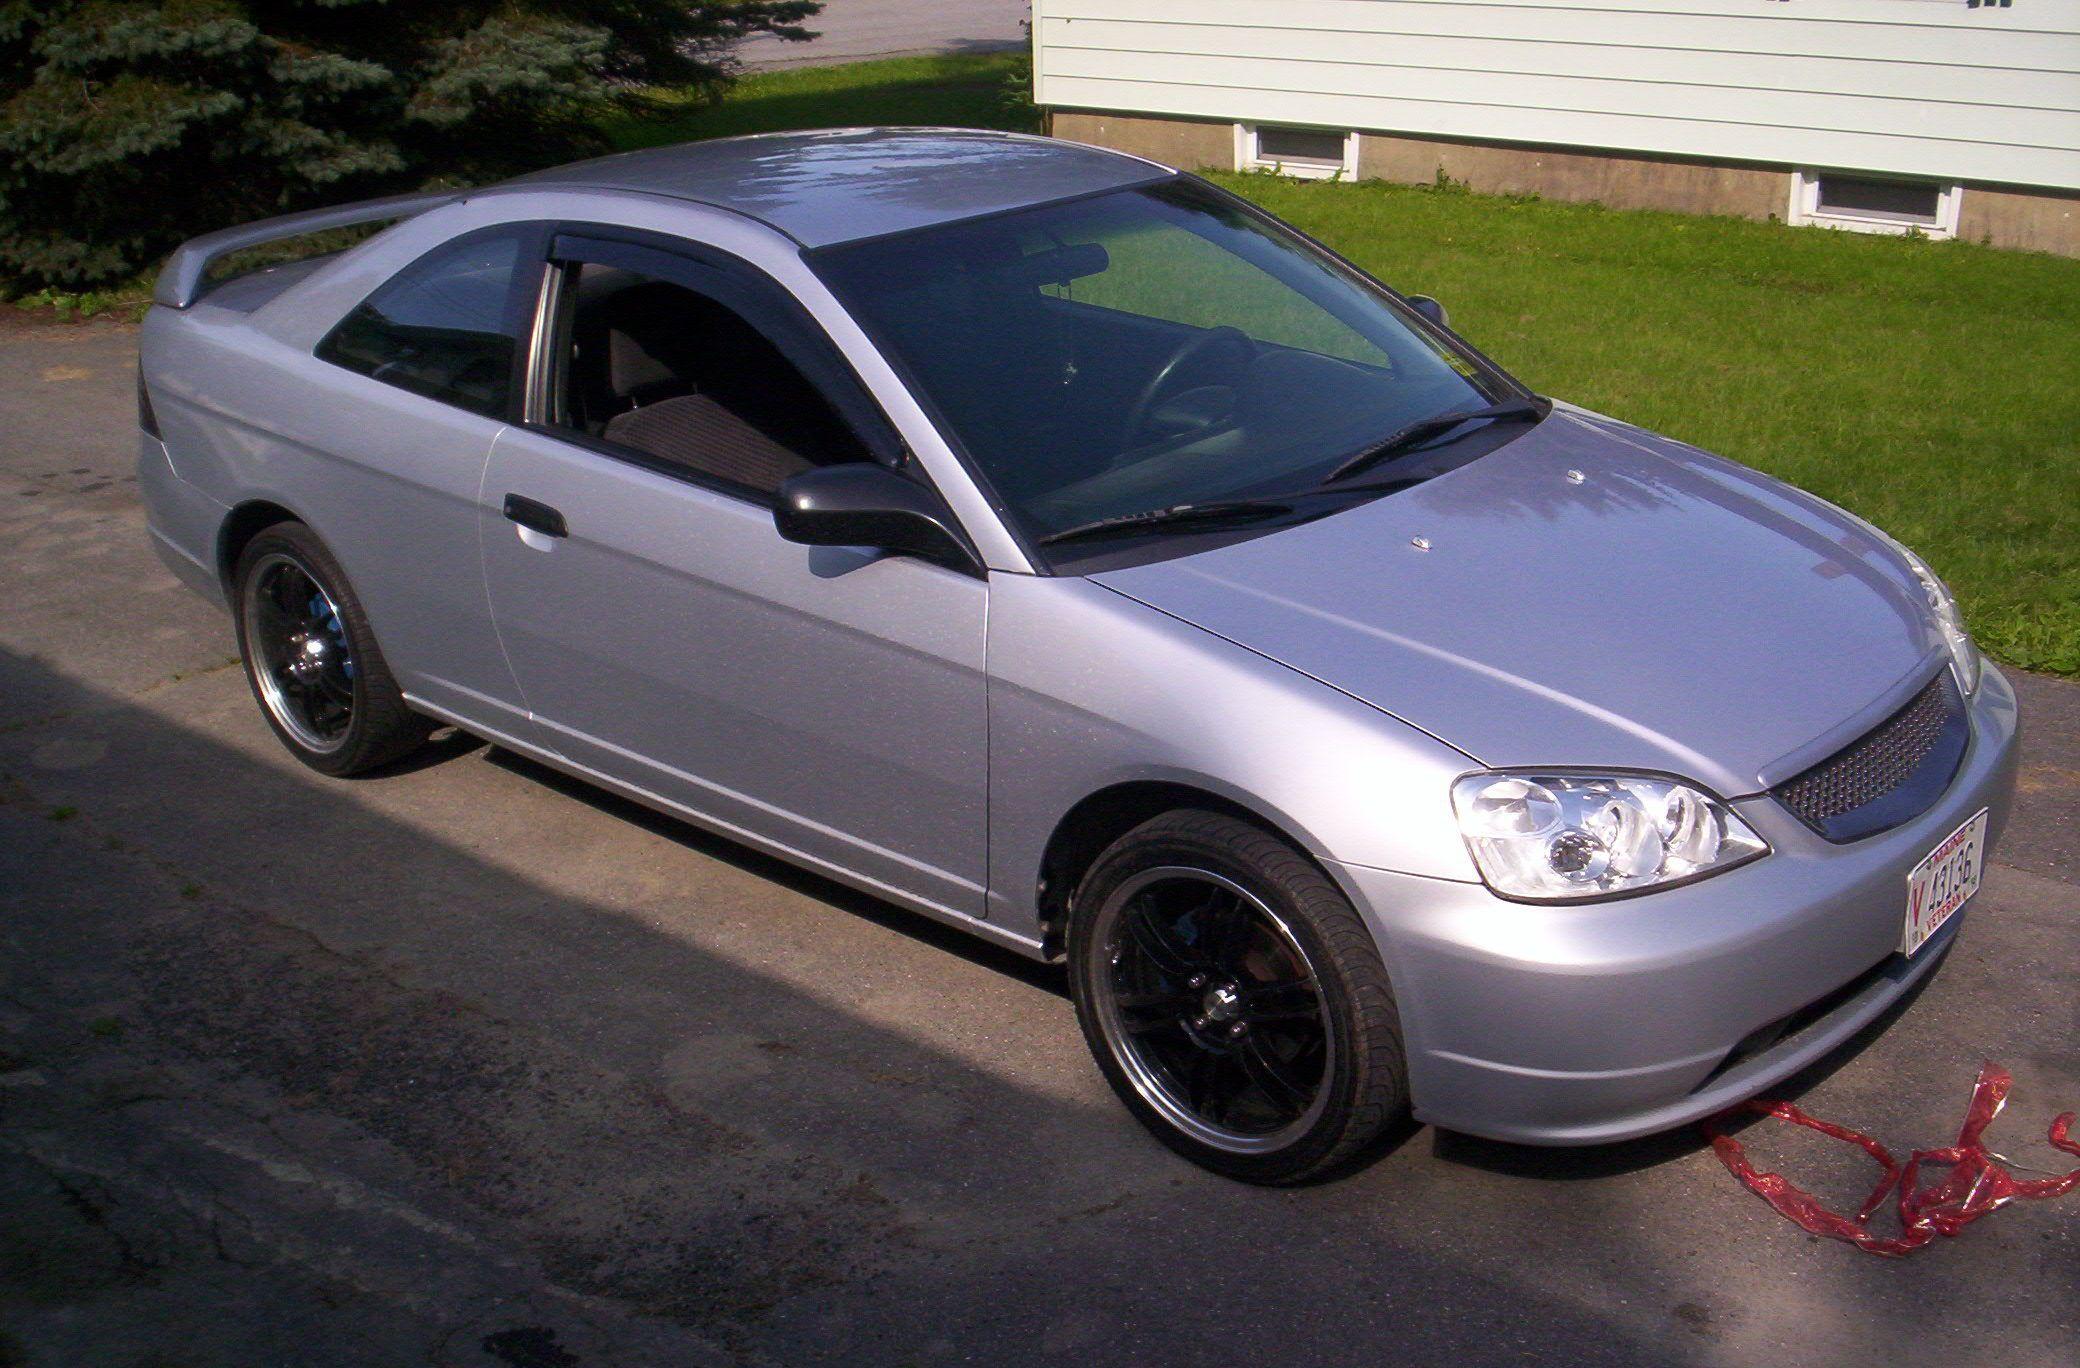 Kelebihan Honda Civic 2002 Top Model Tahun Ini